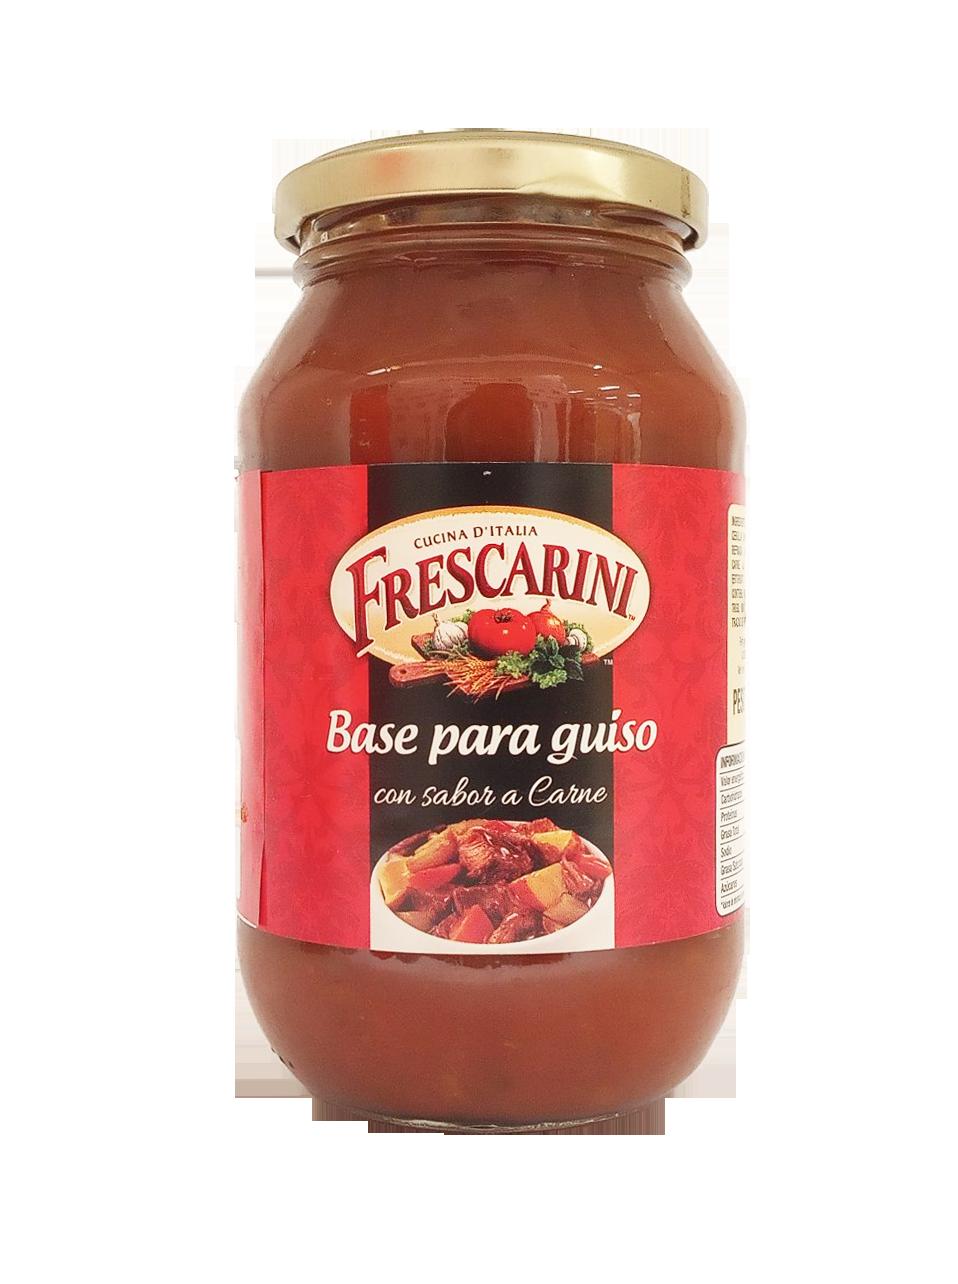 FRESCARINI BASE DE GUISO C/SABOR A CARNE 490GR